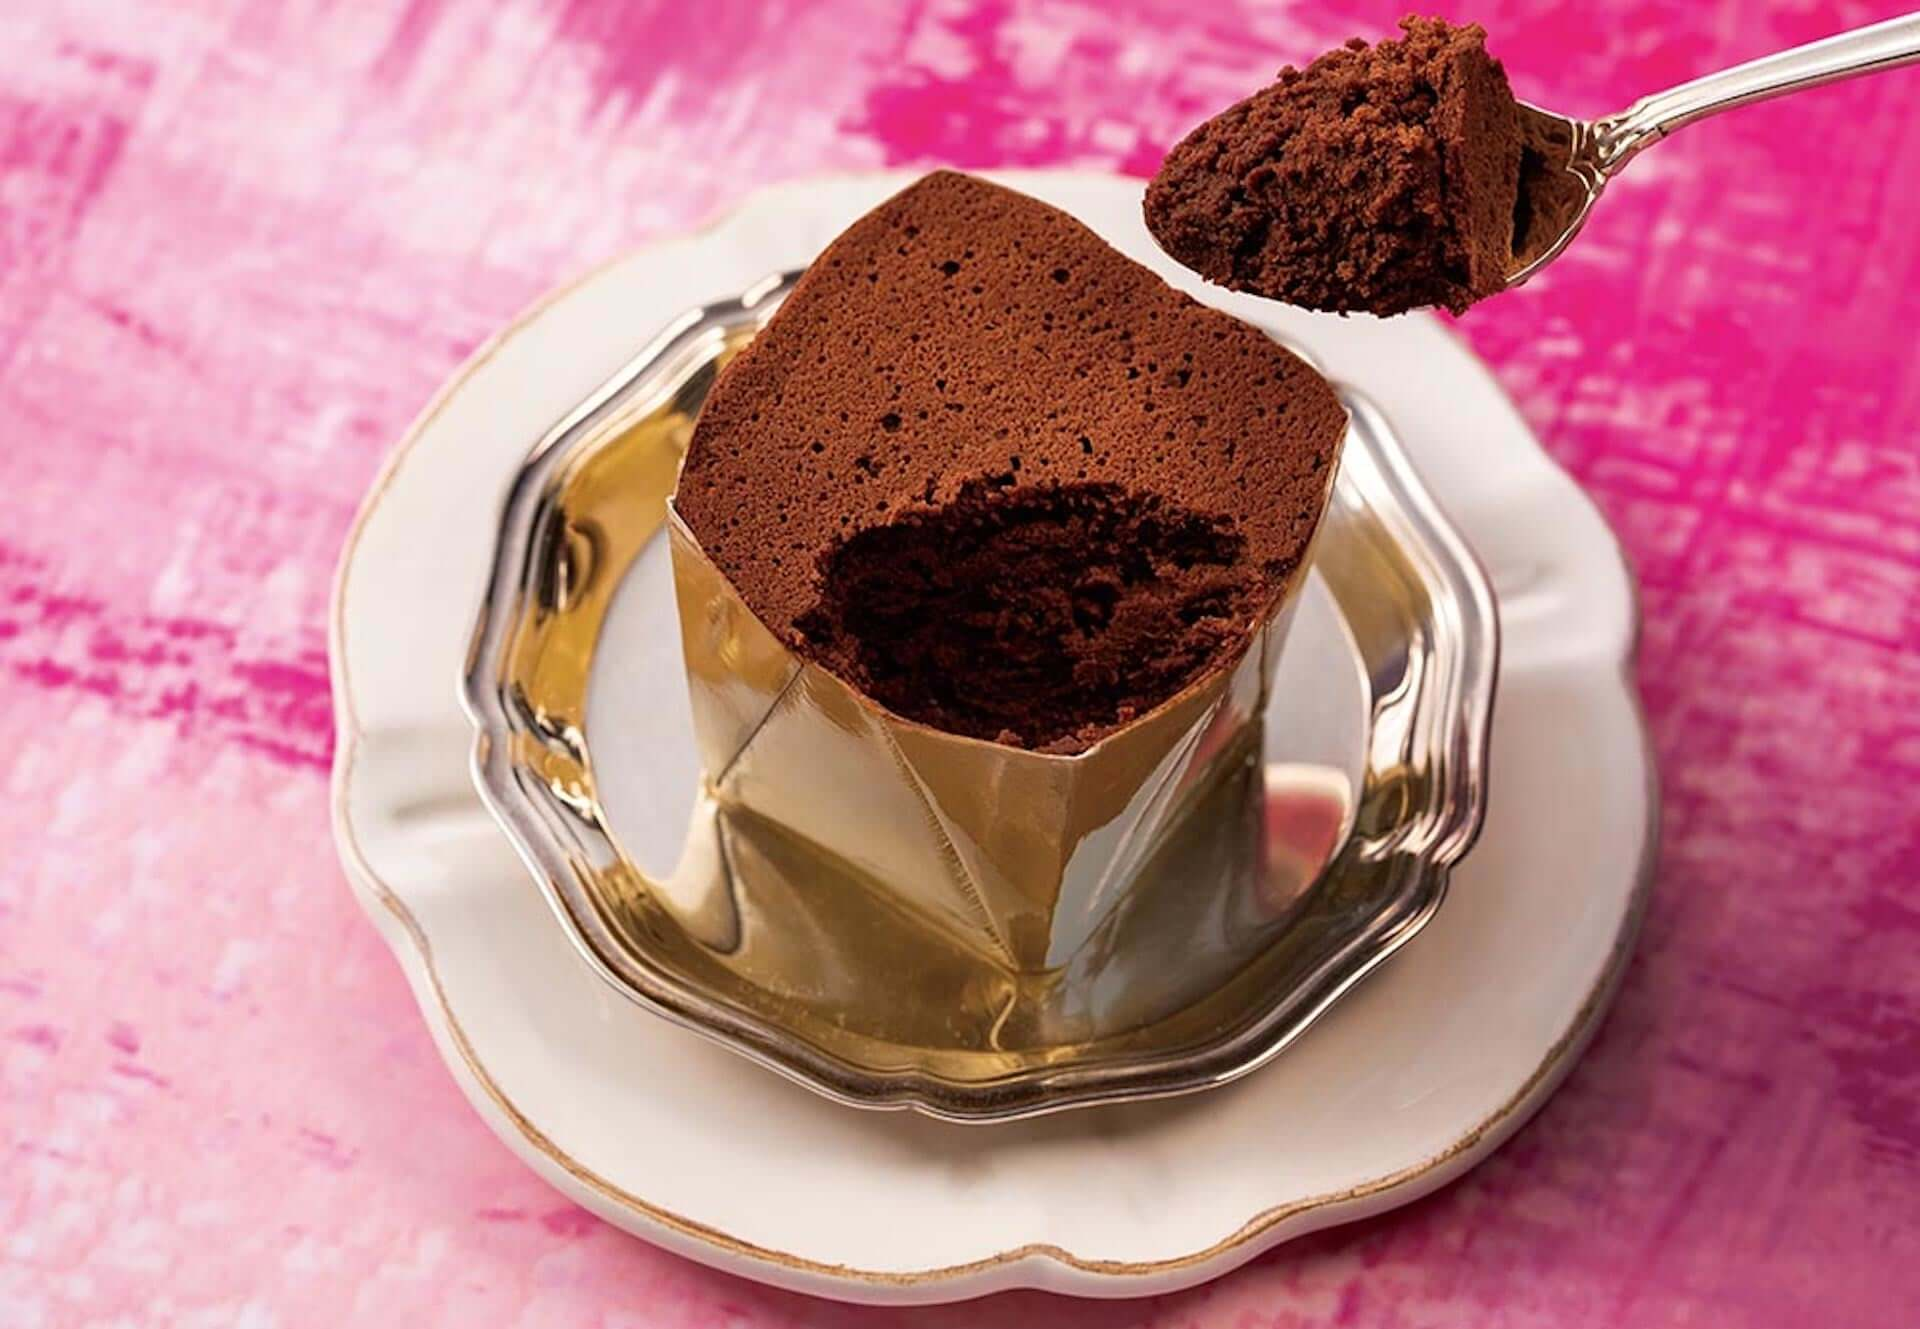 バレンタインの期間限定!600万個以上販売されている「銀のぶどう」の定番商品『炎のチョコレート』が今年も登場 gourmet210107_ginnobudo_5-1920x1329